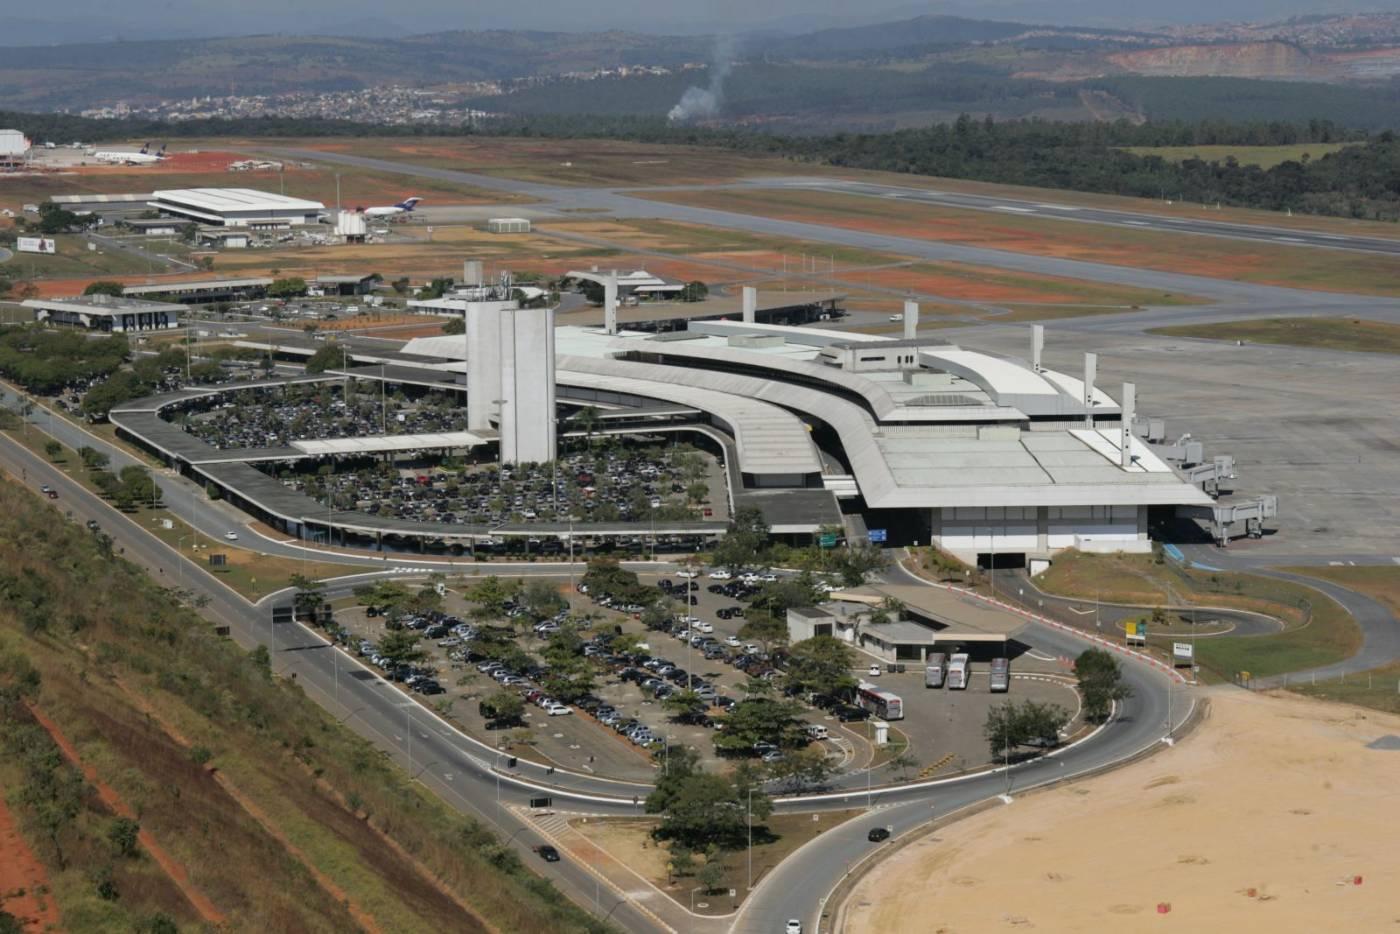 Belo Horizonte Aeroporto de Confins